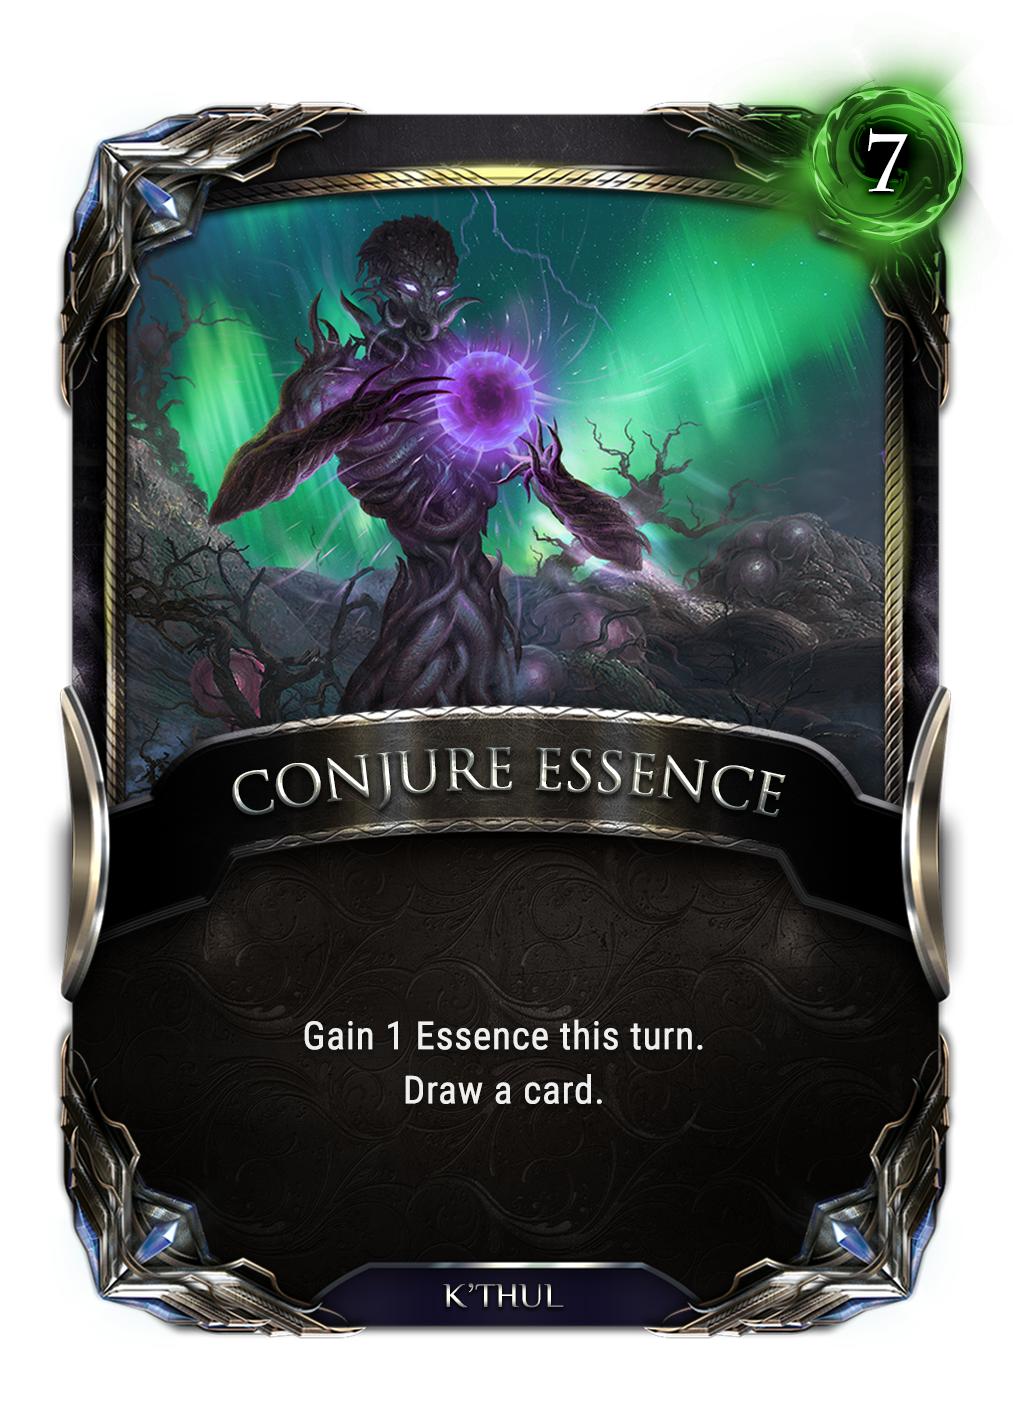 Conjure Essence card